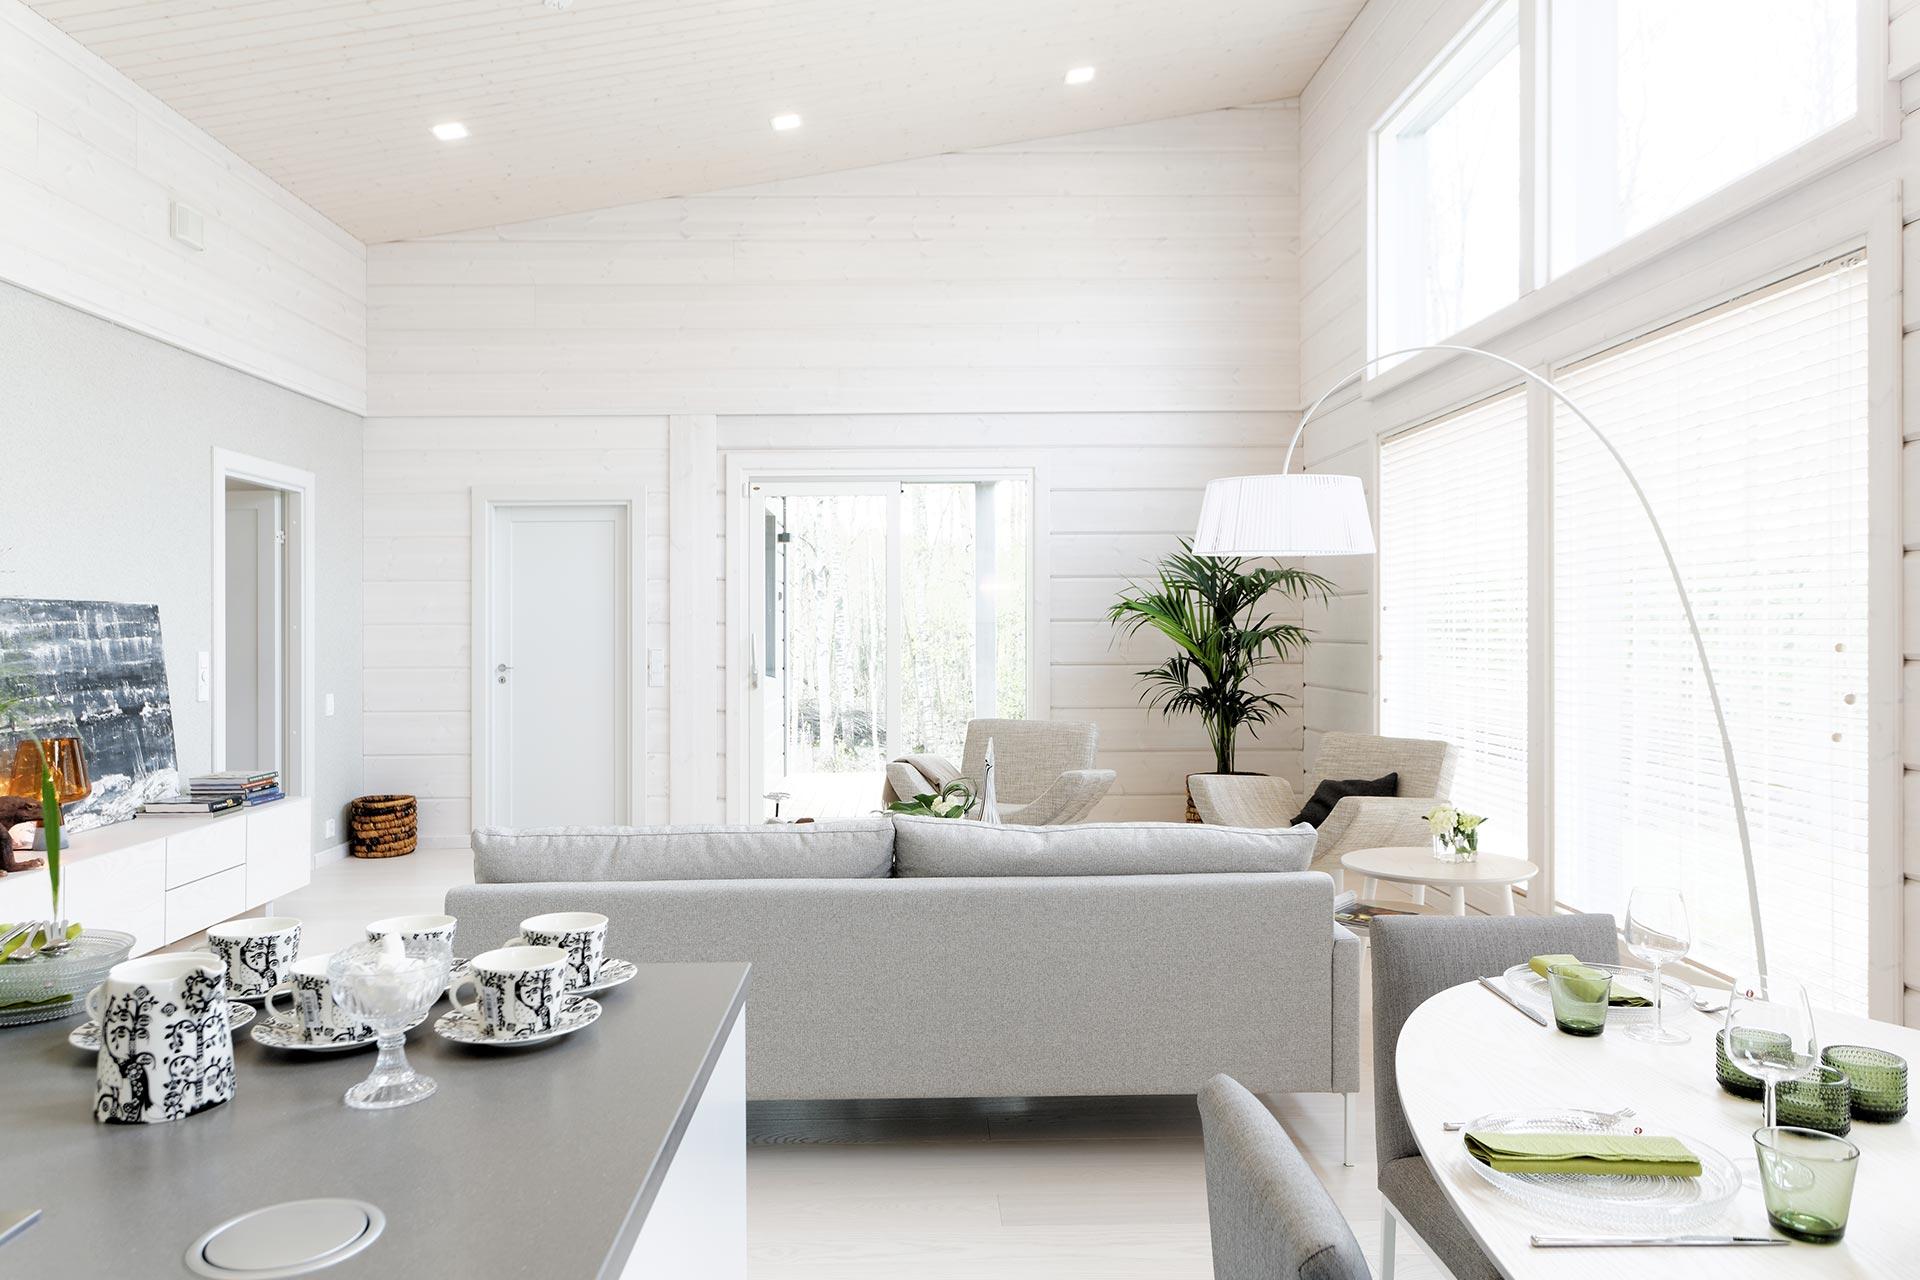 Монохромный интерьер деревянного дома